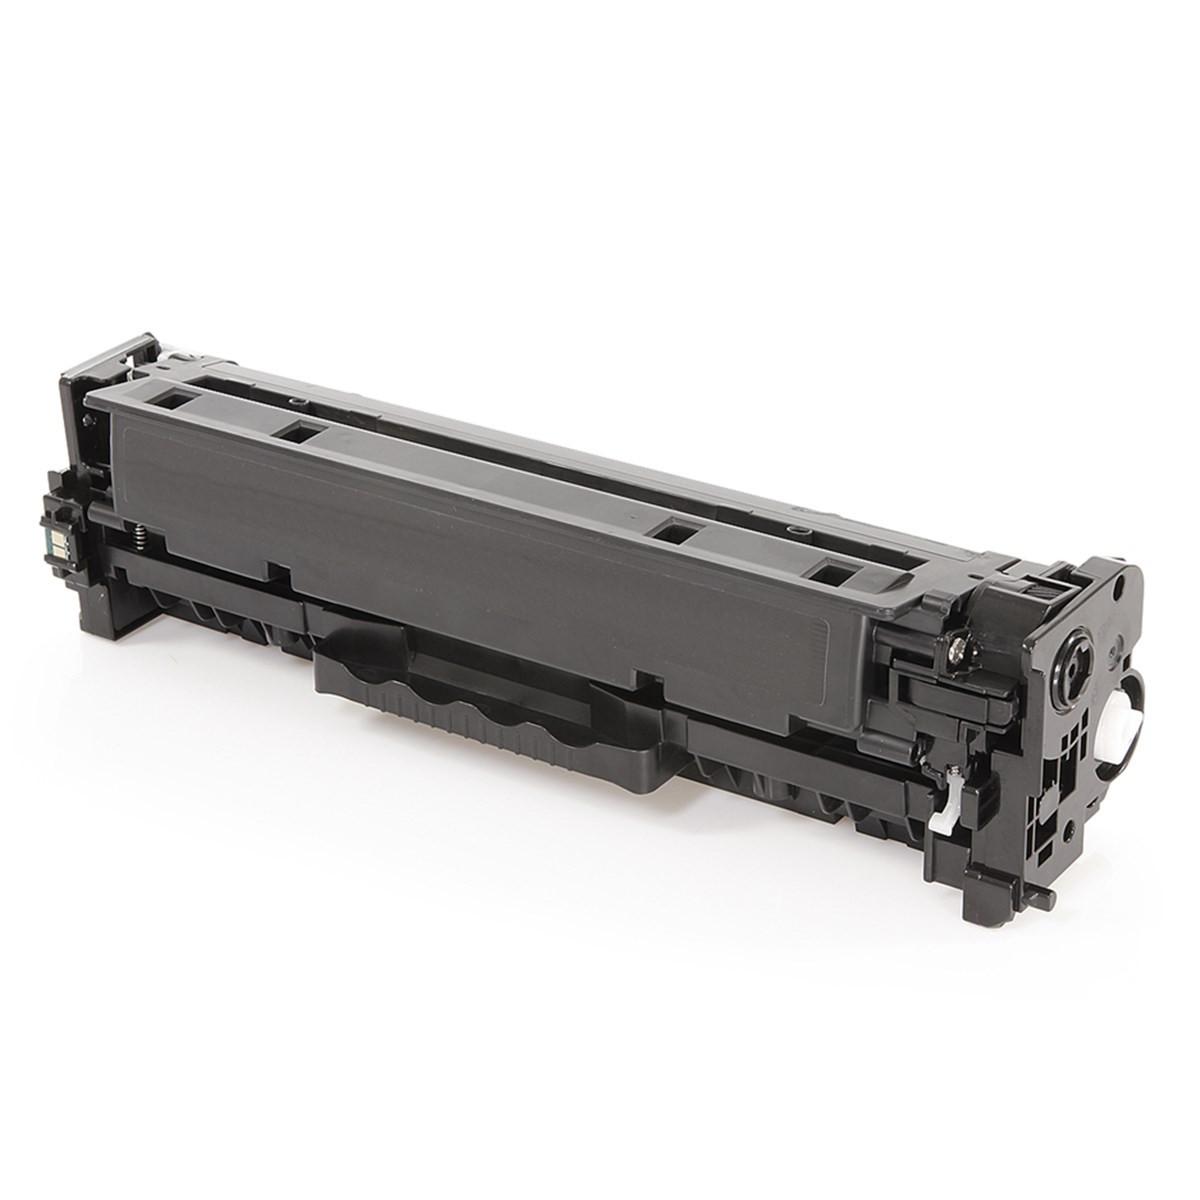 Toner Compatível com HP CC533A 304A Magenta Universal | CM2320 CP2025 CM2320N | Premium 2.8k